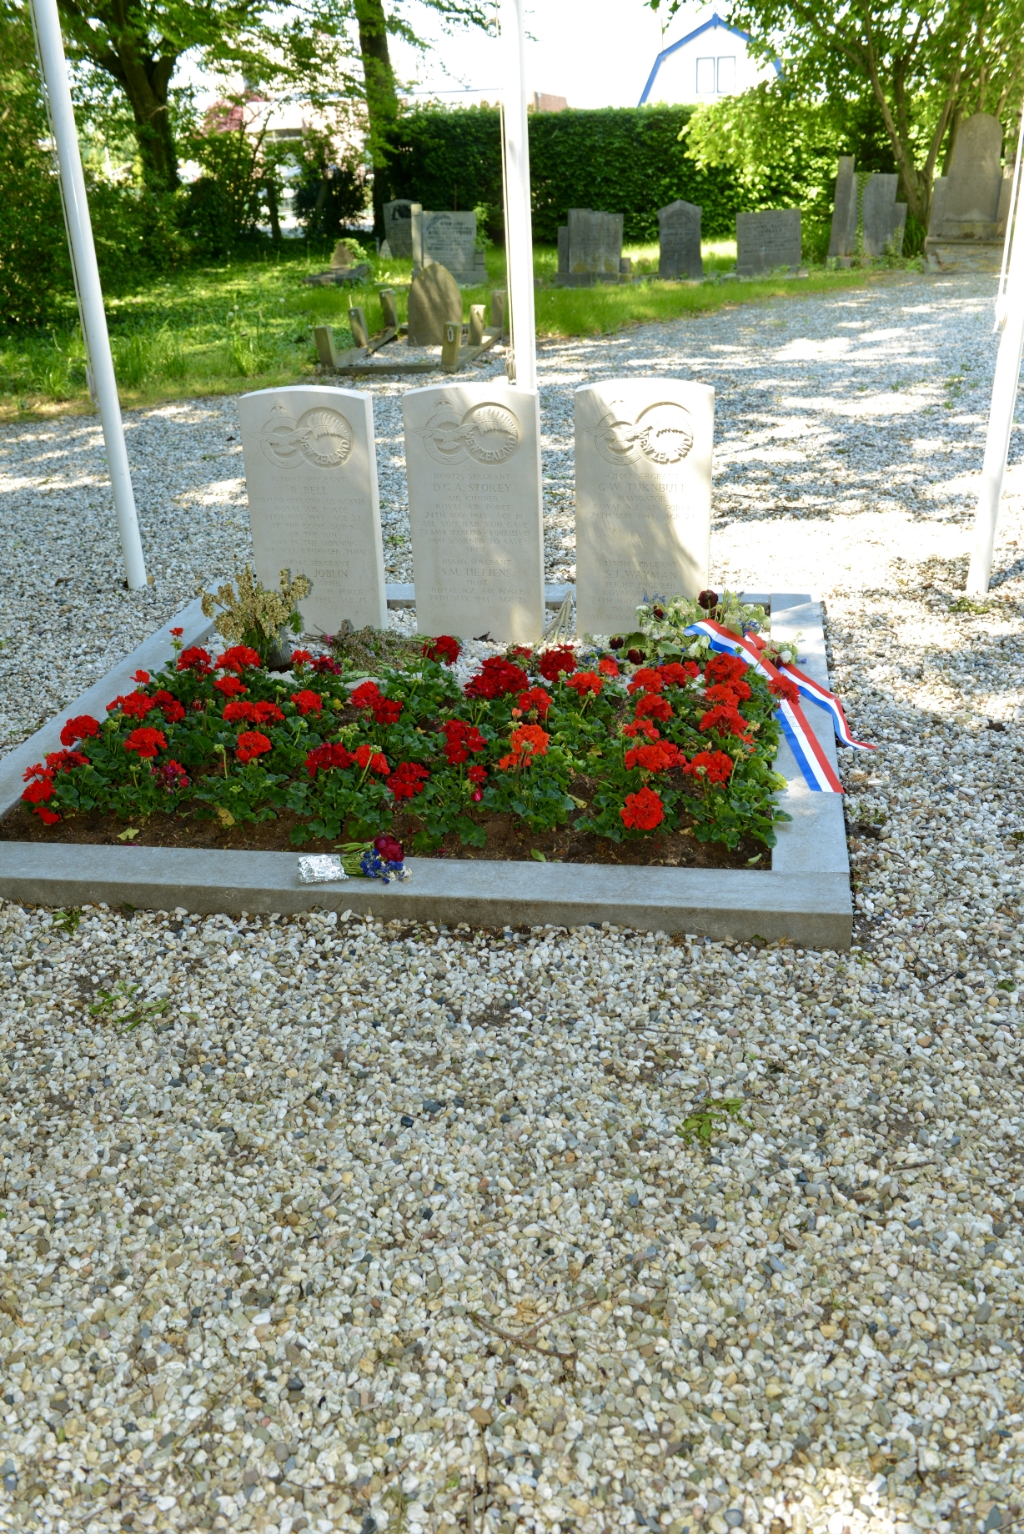 Goed verzorgd is wel het graf van de omgekomen vliegeniers. Foto:                                      © DPG Media